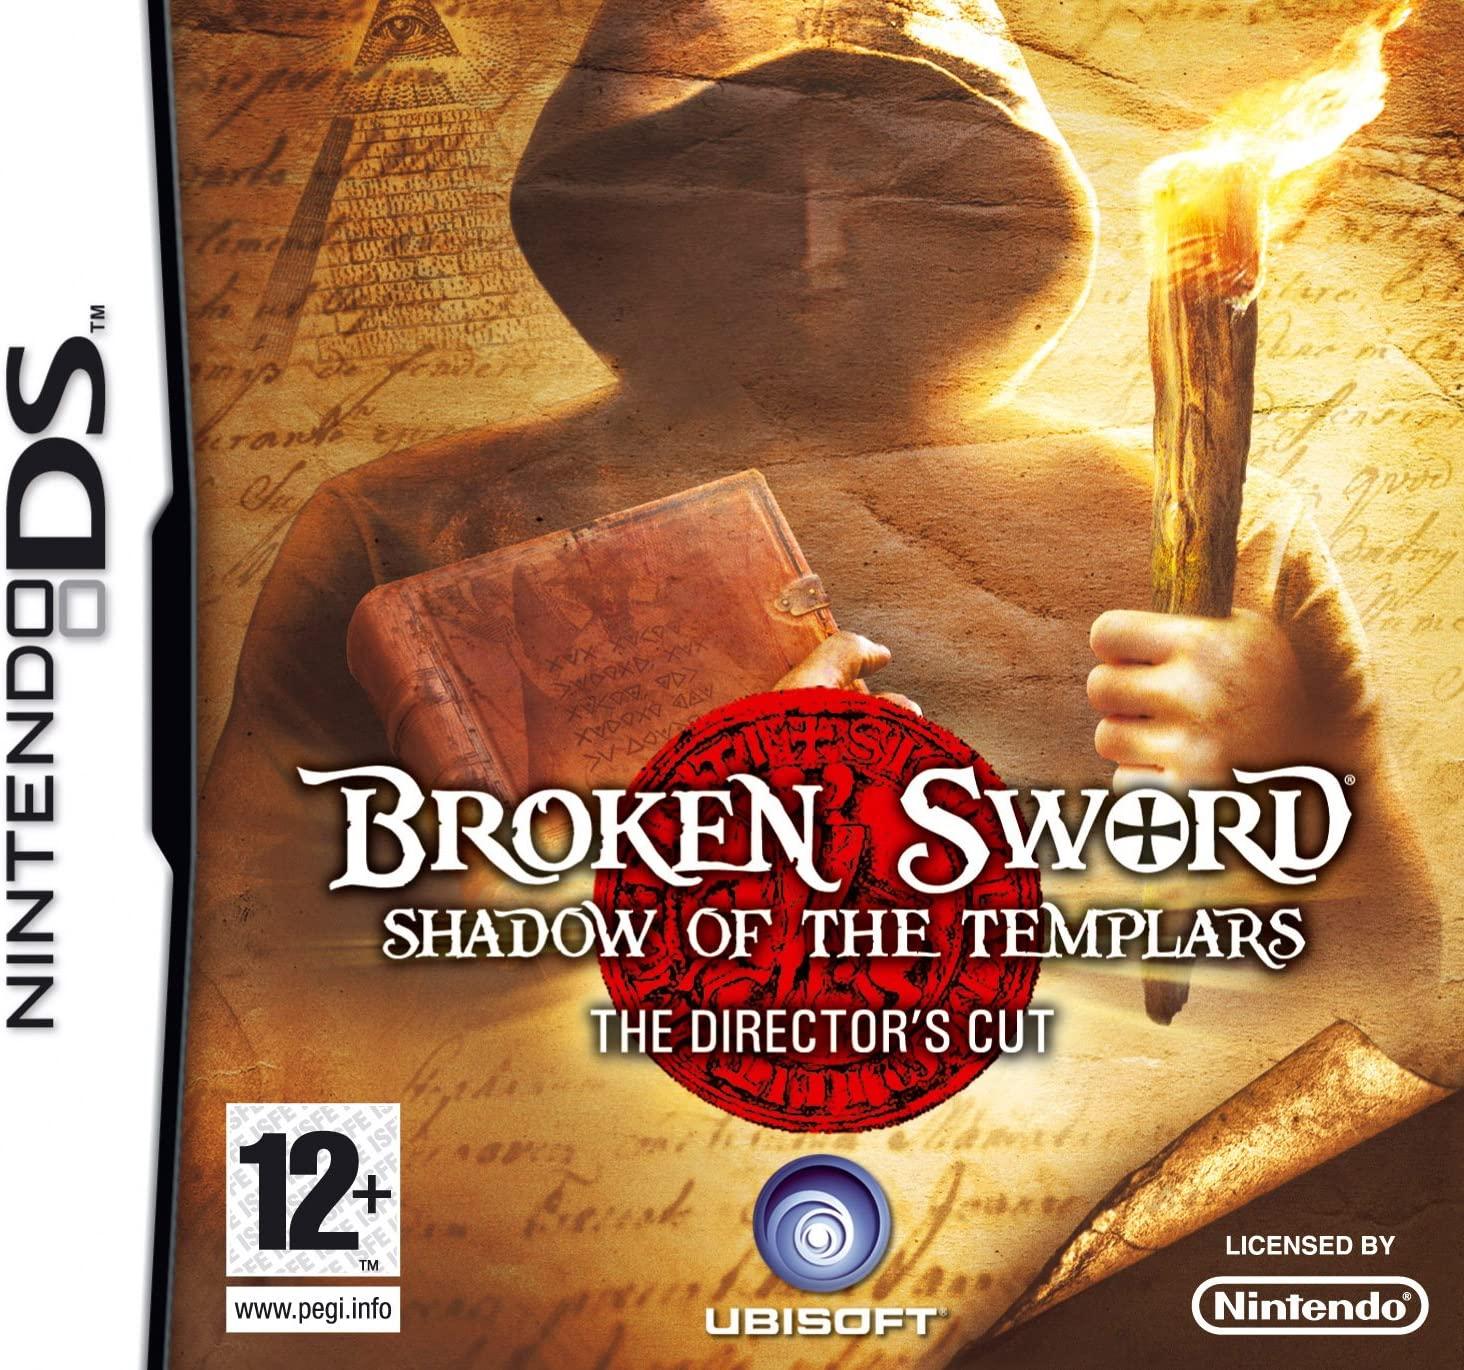 Broken Sword: Shadow of the Templars – The Director's Cut